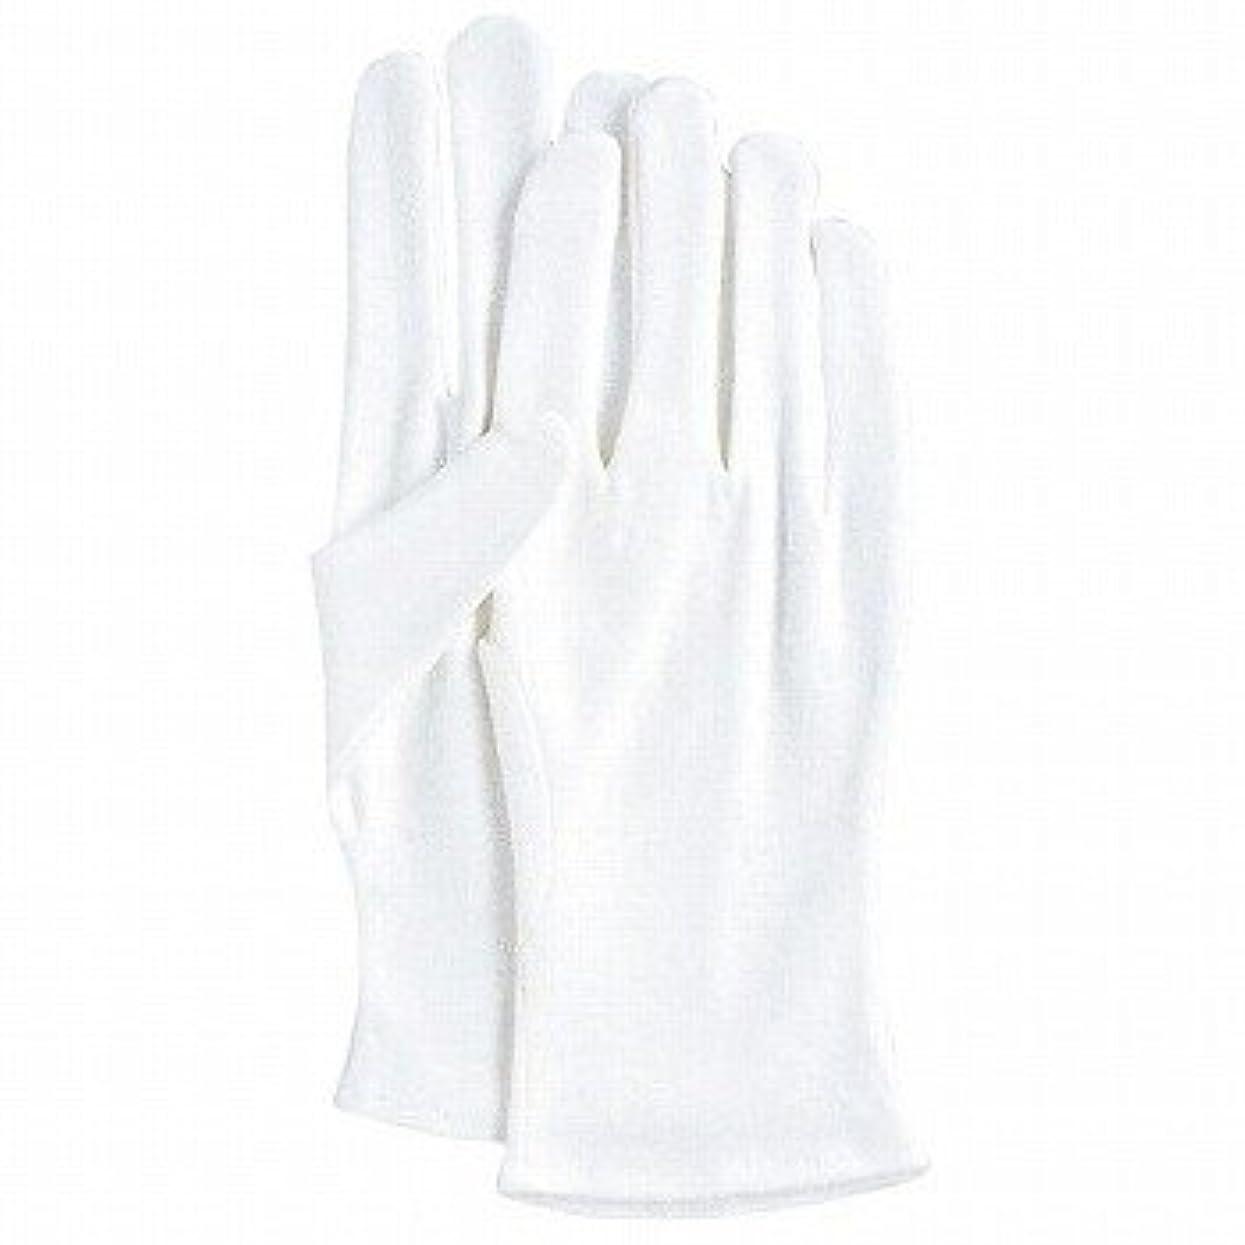 欠陥恐れる庭園おたふく手袋/綿薄手袋 5双入×80セット[総数400双]/品番:JW-240 サイズ:L